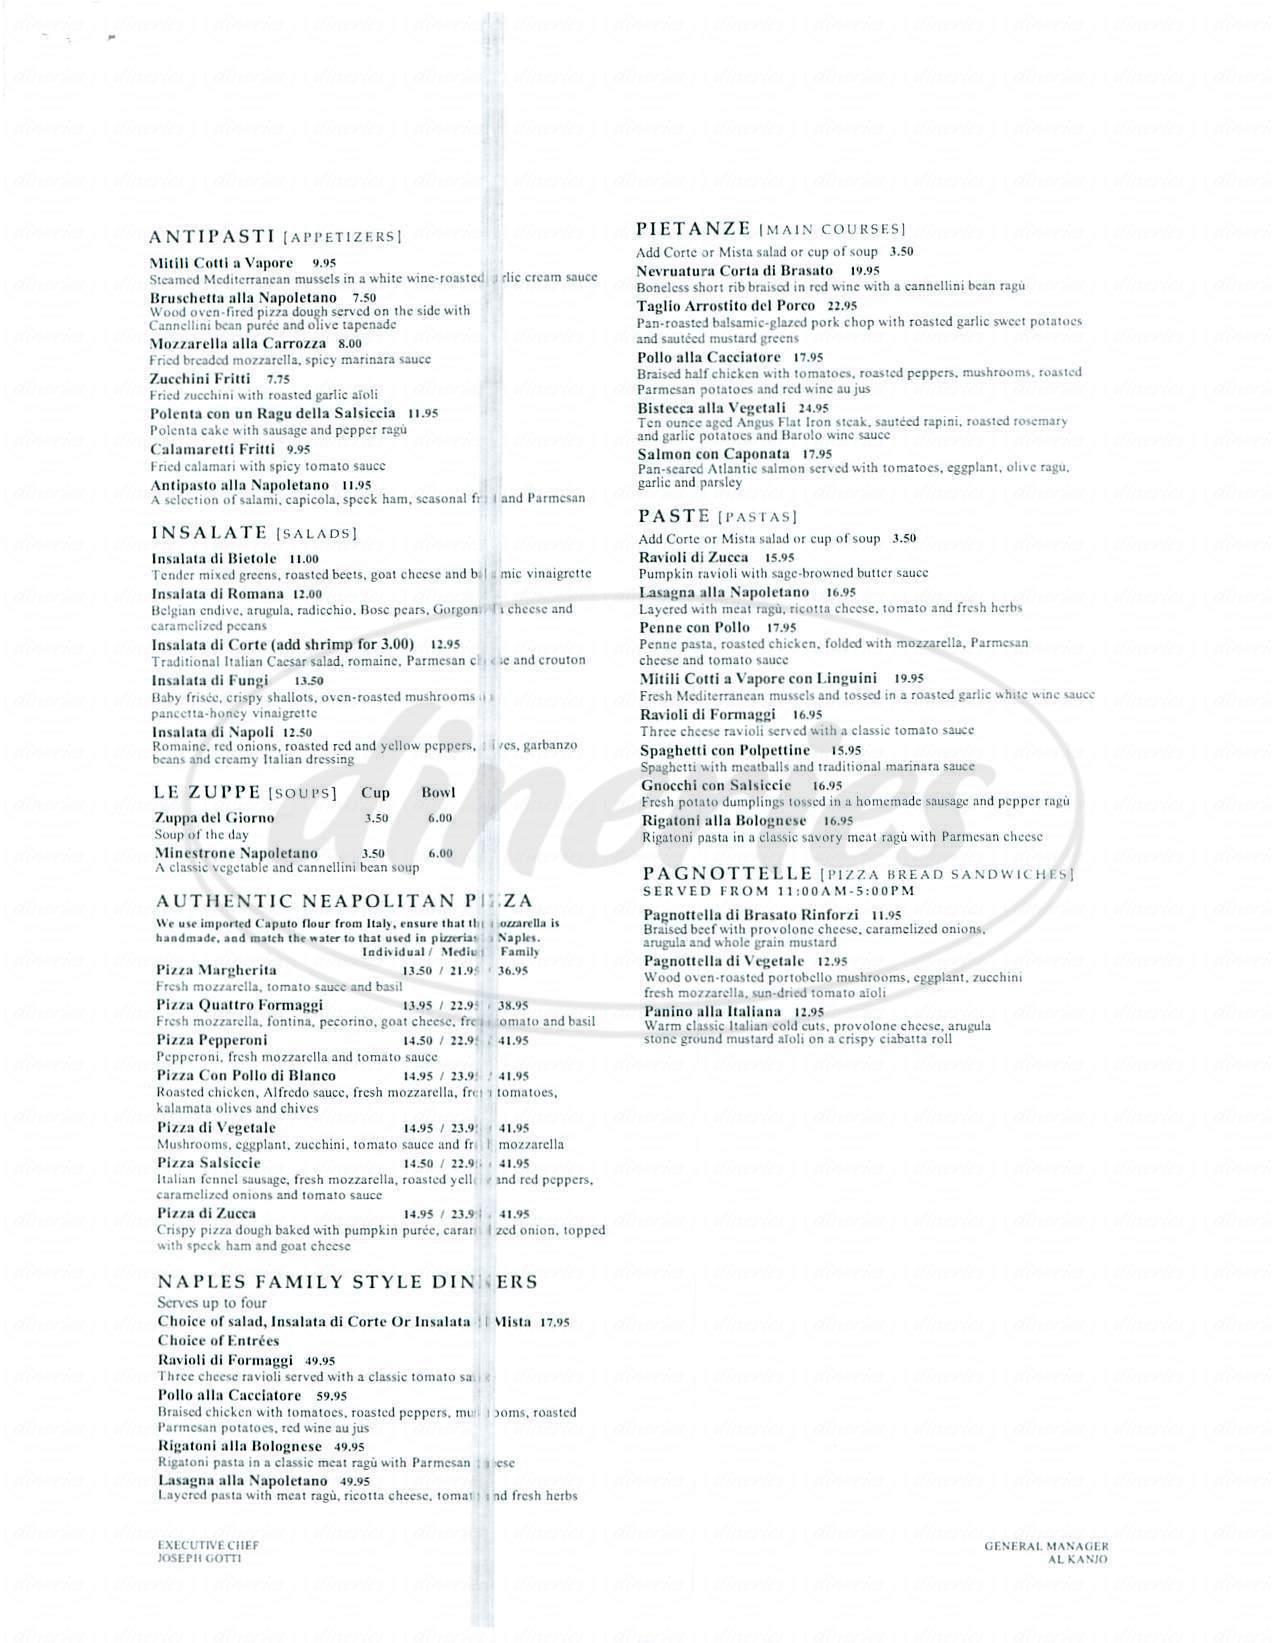 menu for Naples Ristorante e Pizzeria